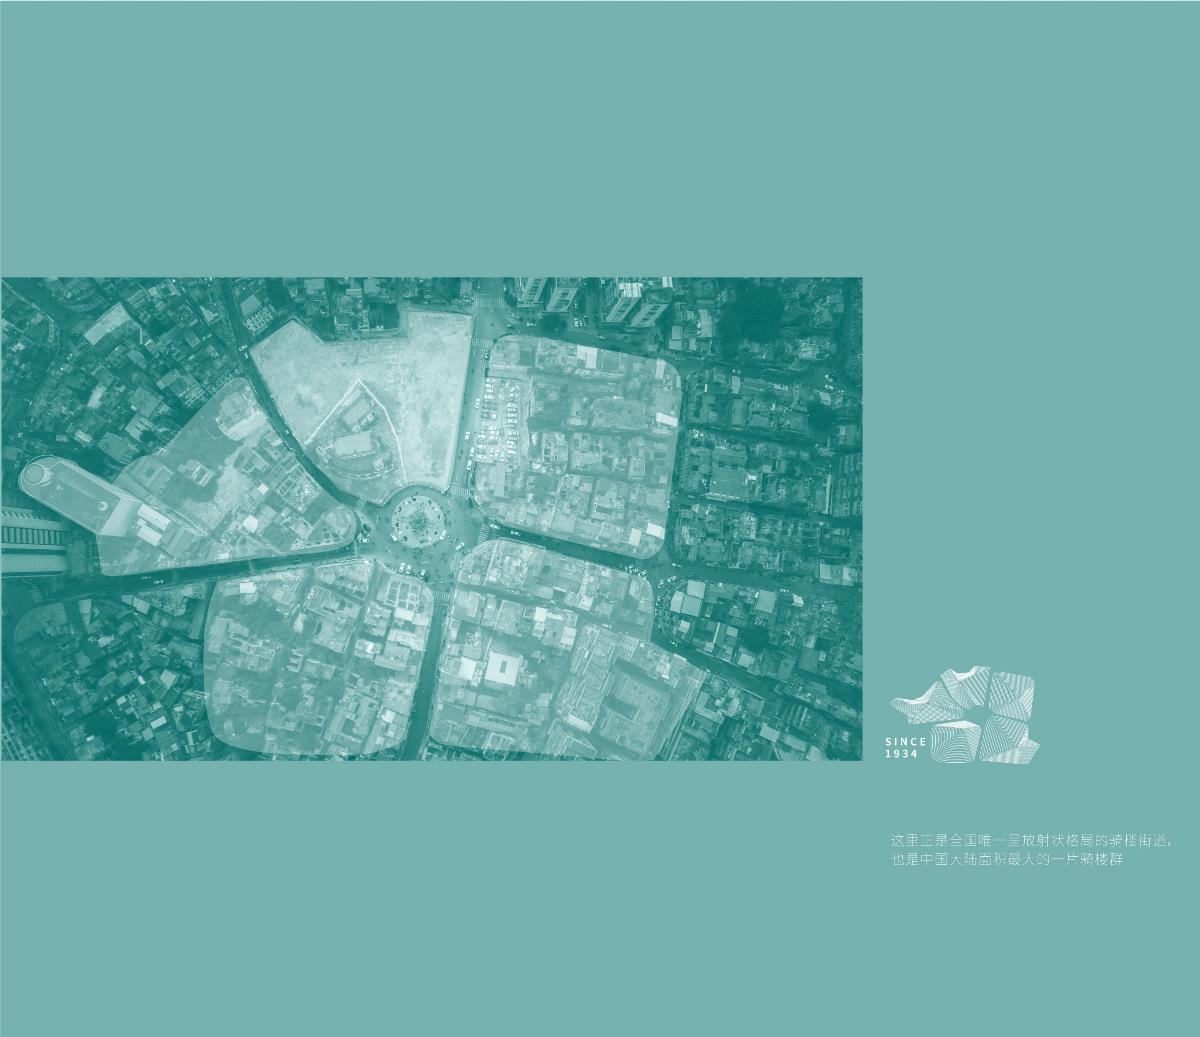 汕頭小公園開埠區的設計實驗